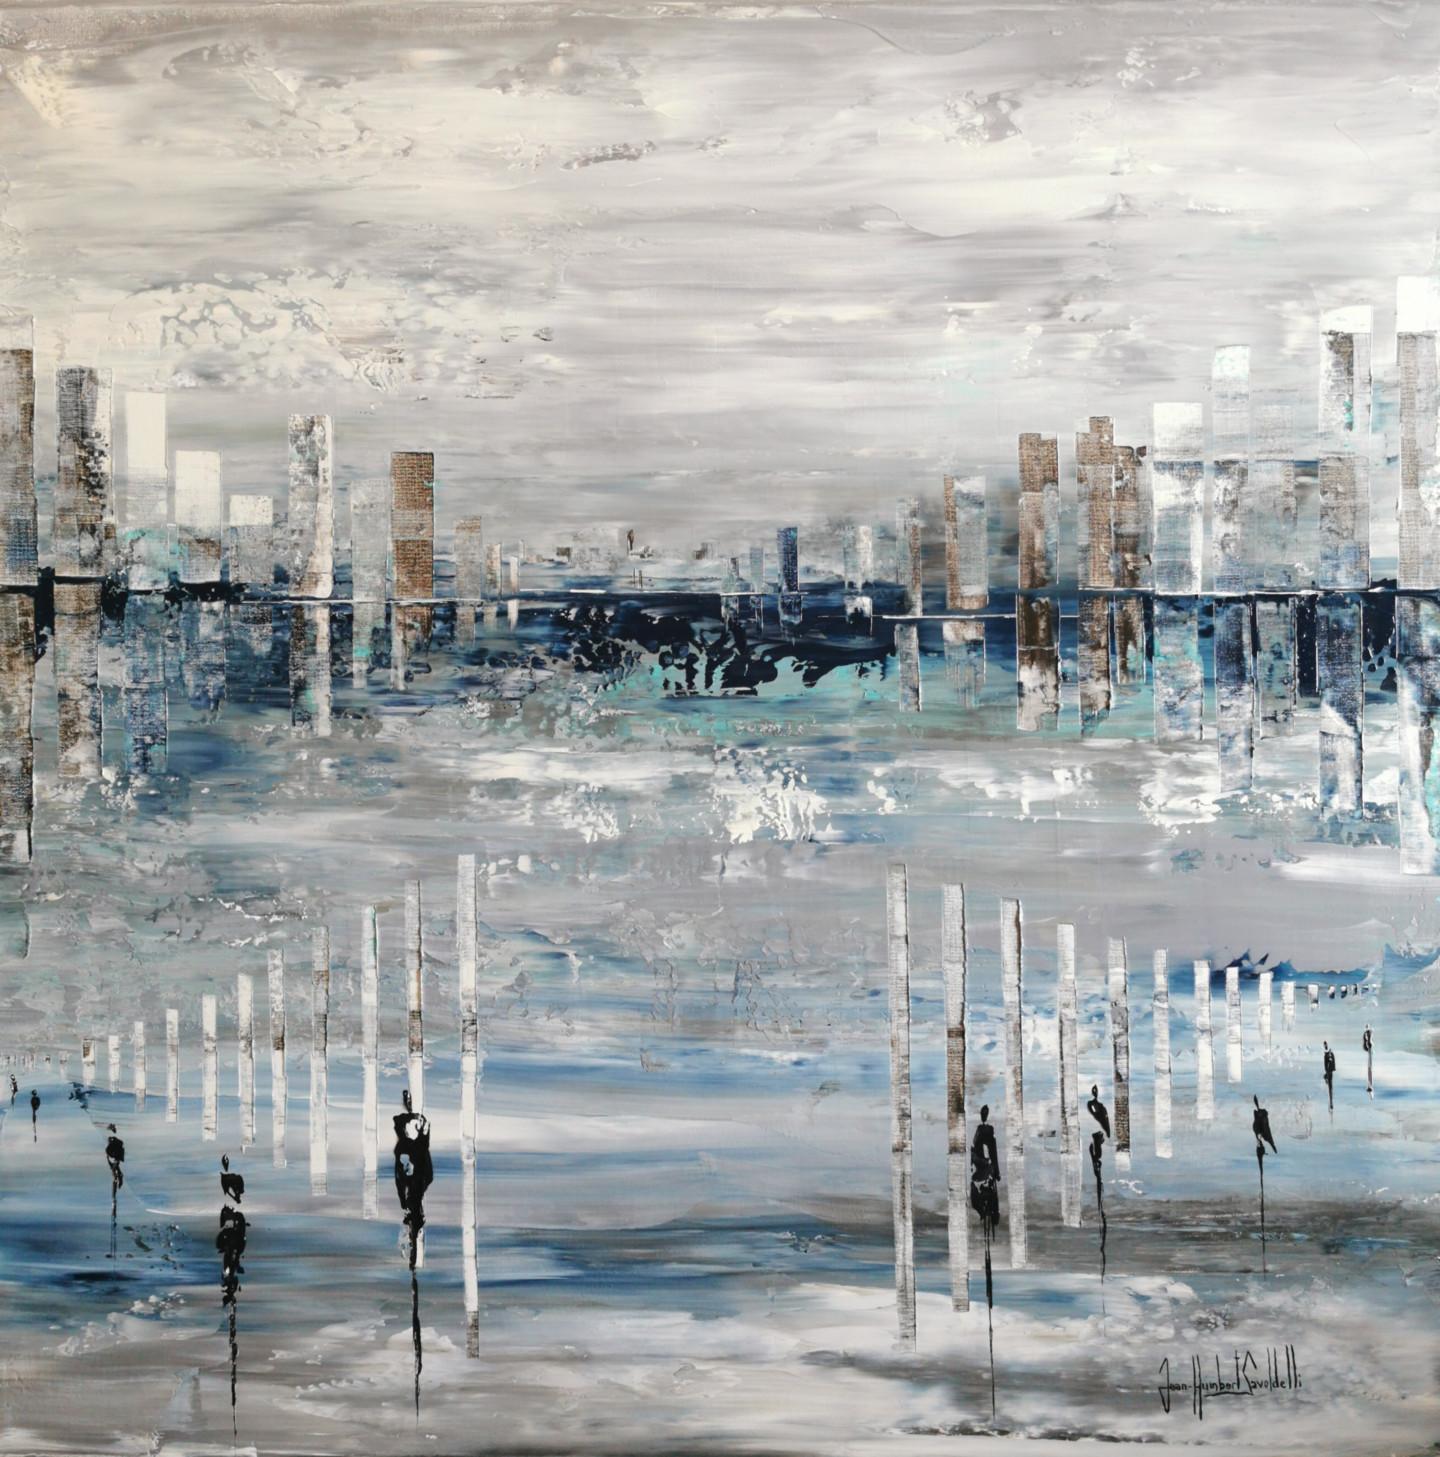 JEAN-HUMBERT SAVOLDELLI - THE BLUE WAY